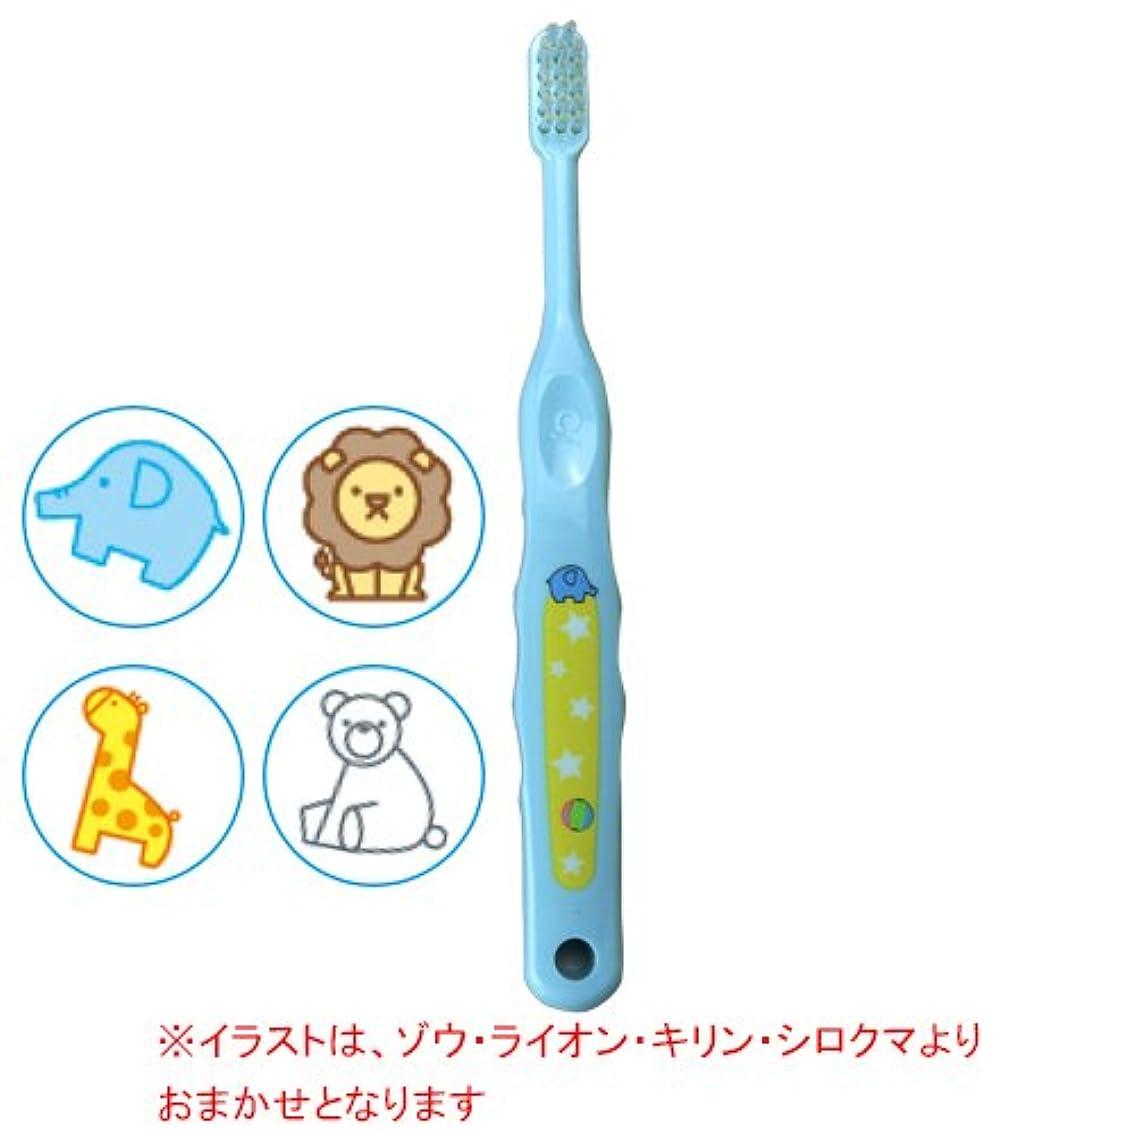 戻す材料検索エンジン最適化Ciメディカル Ci なまえ歯ブラシ 503 (やわらかめ) (乳児から小学生向)1本 (ブルー)